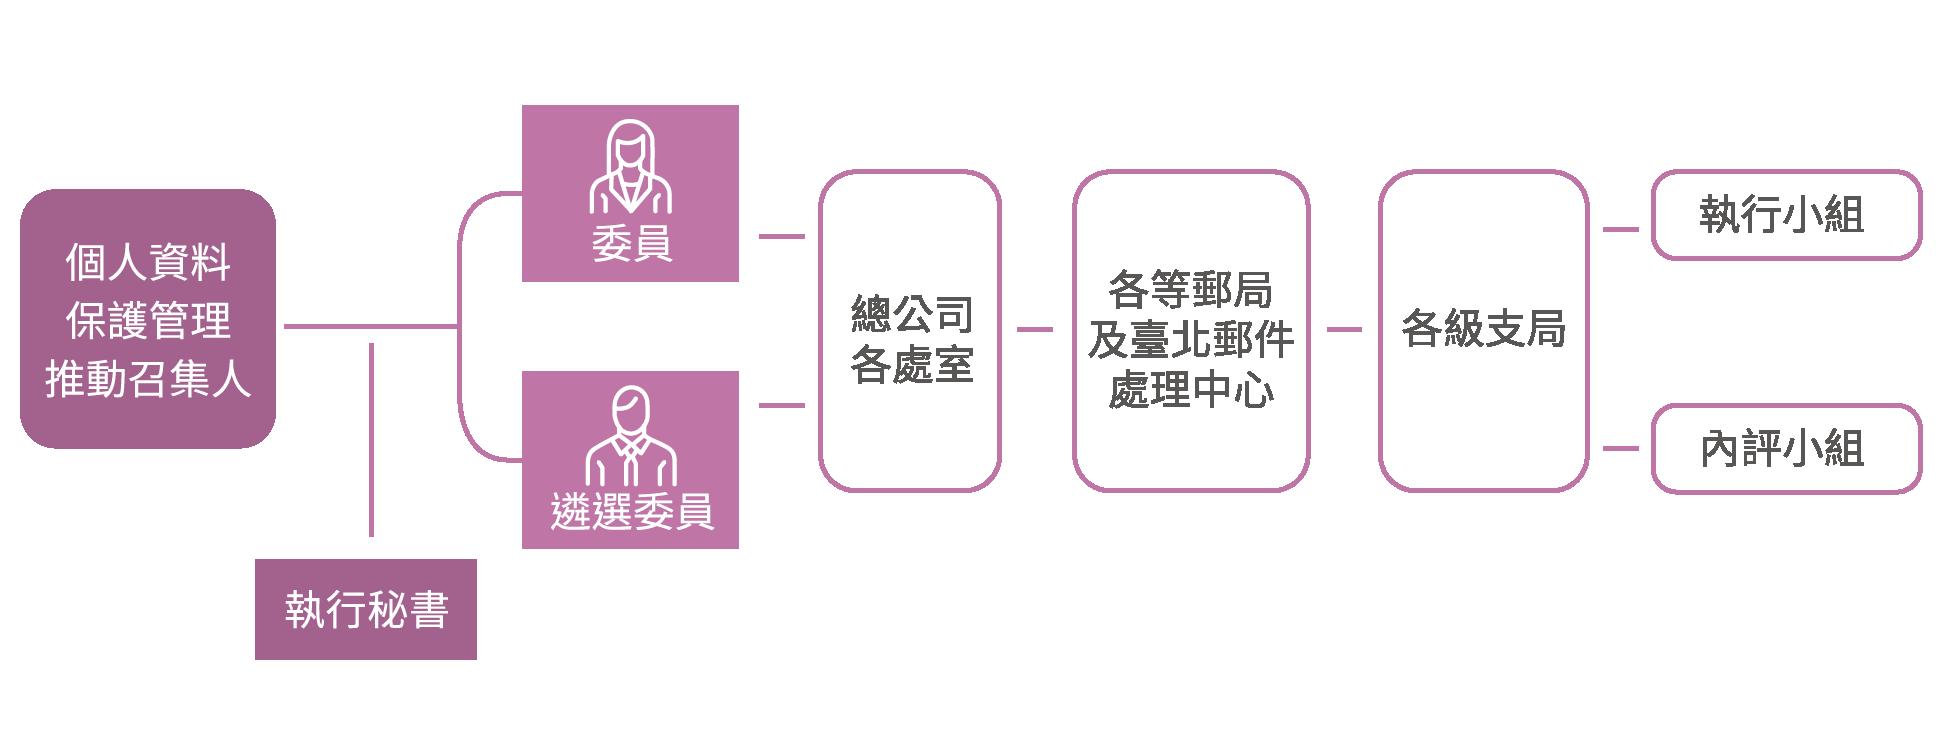 中華郵政資訊安全暨個人資料保護管理委員會